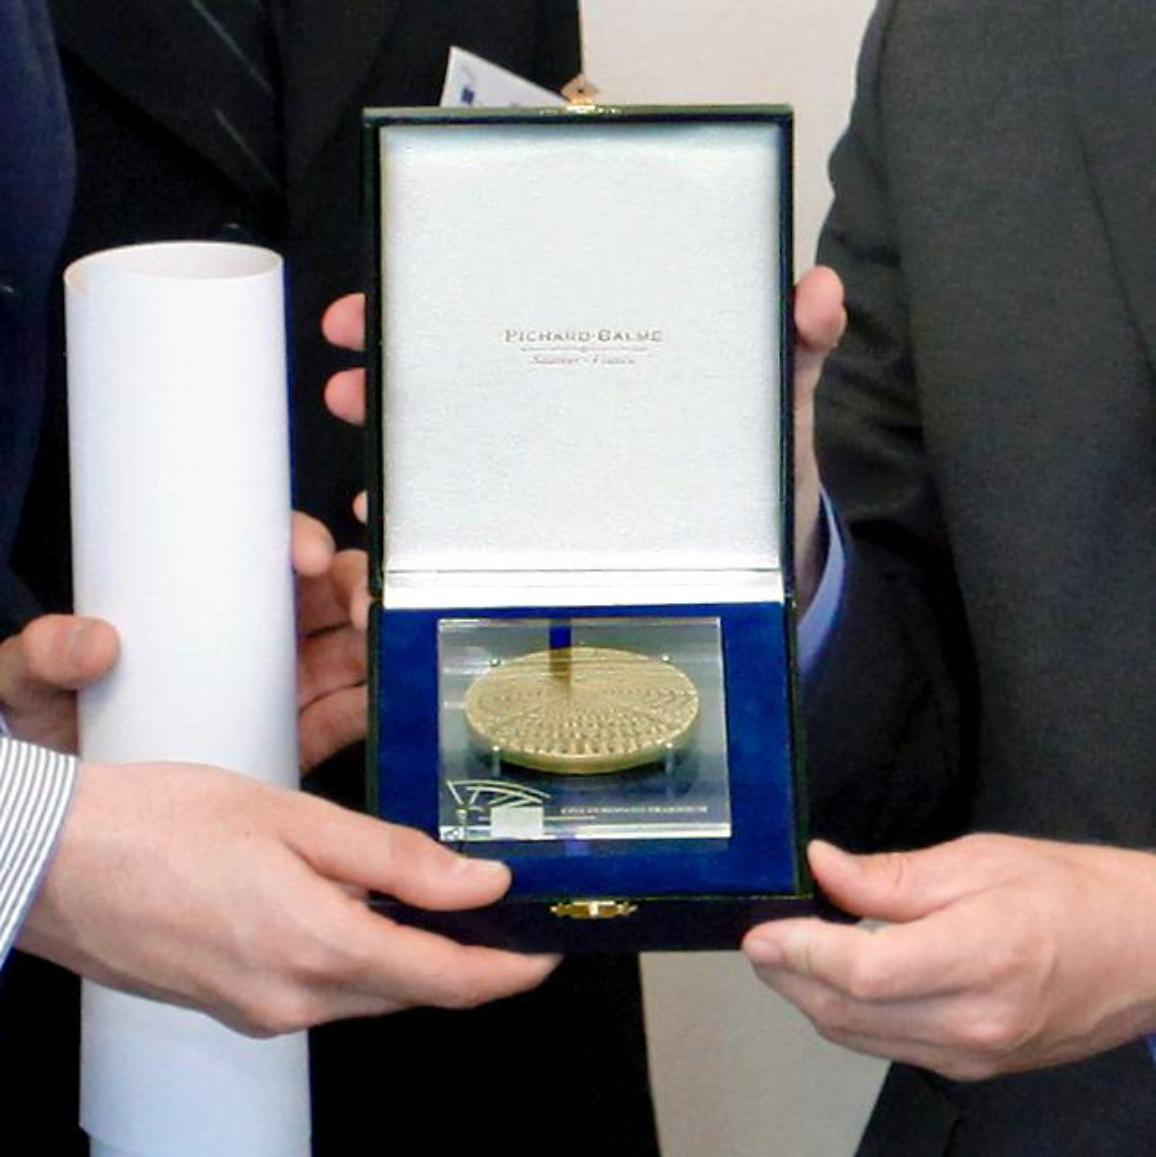 EU citizen's prize